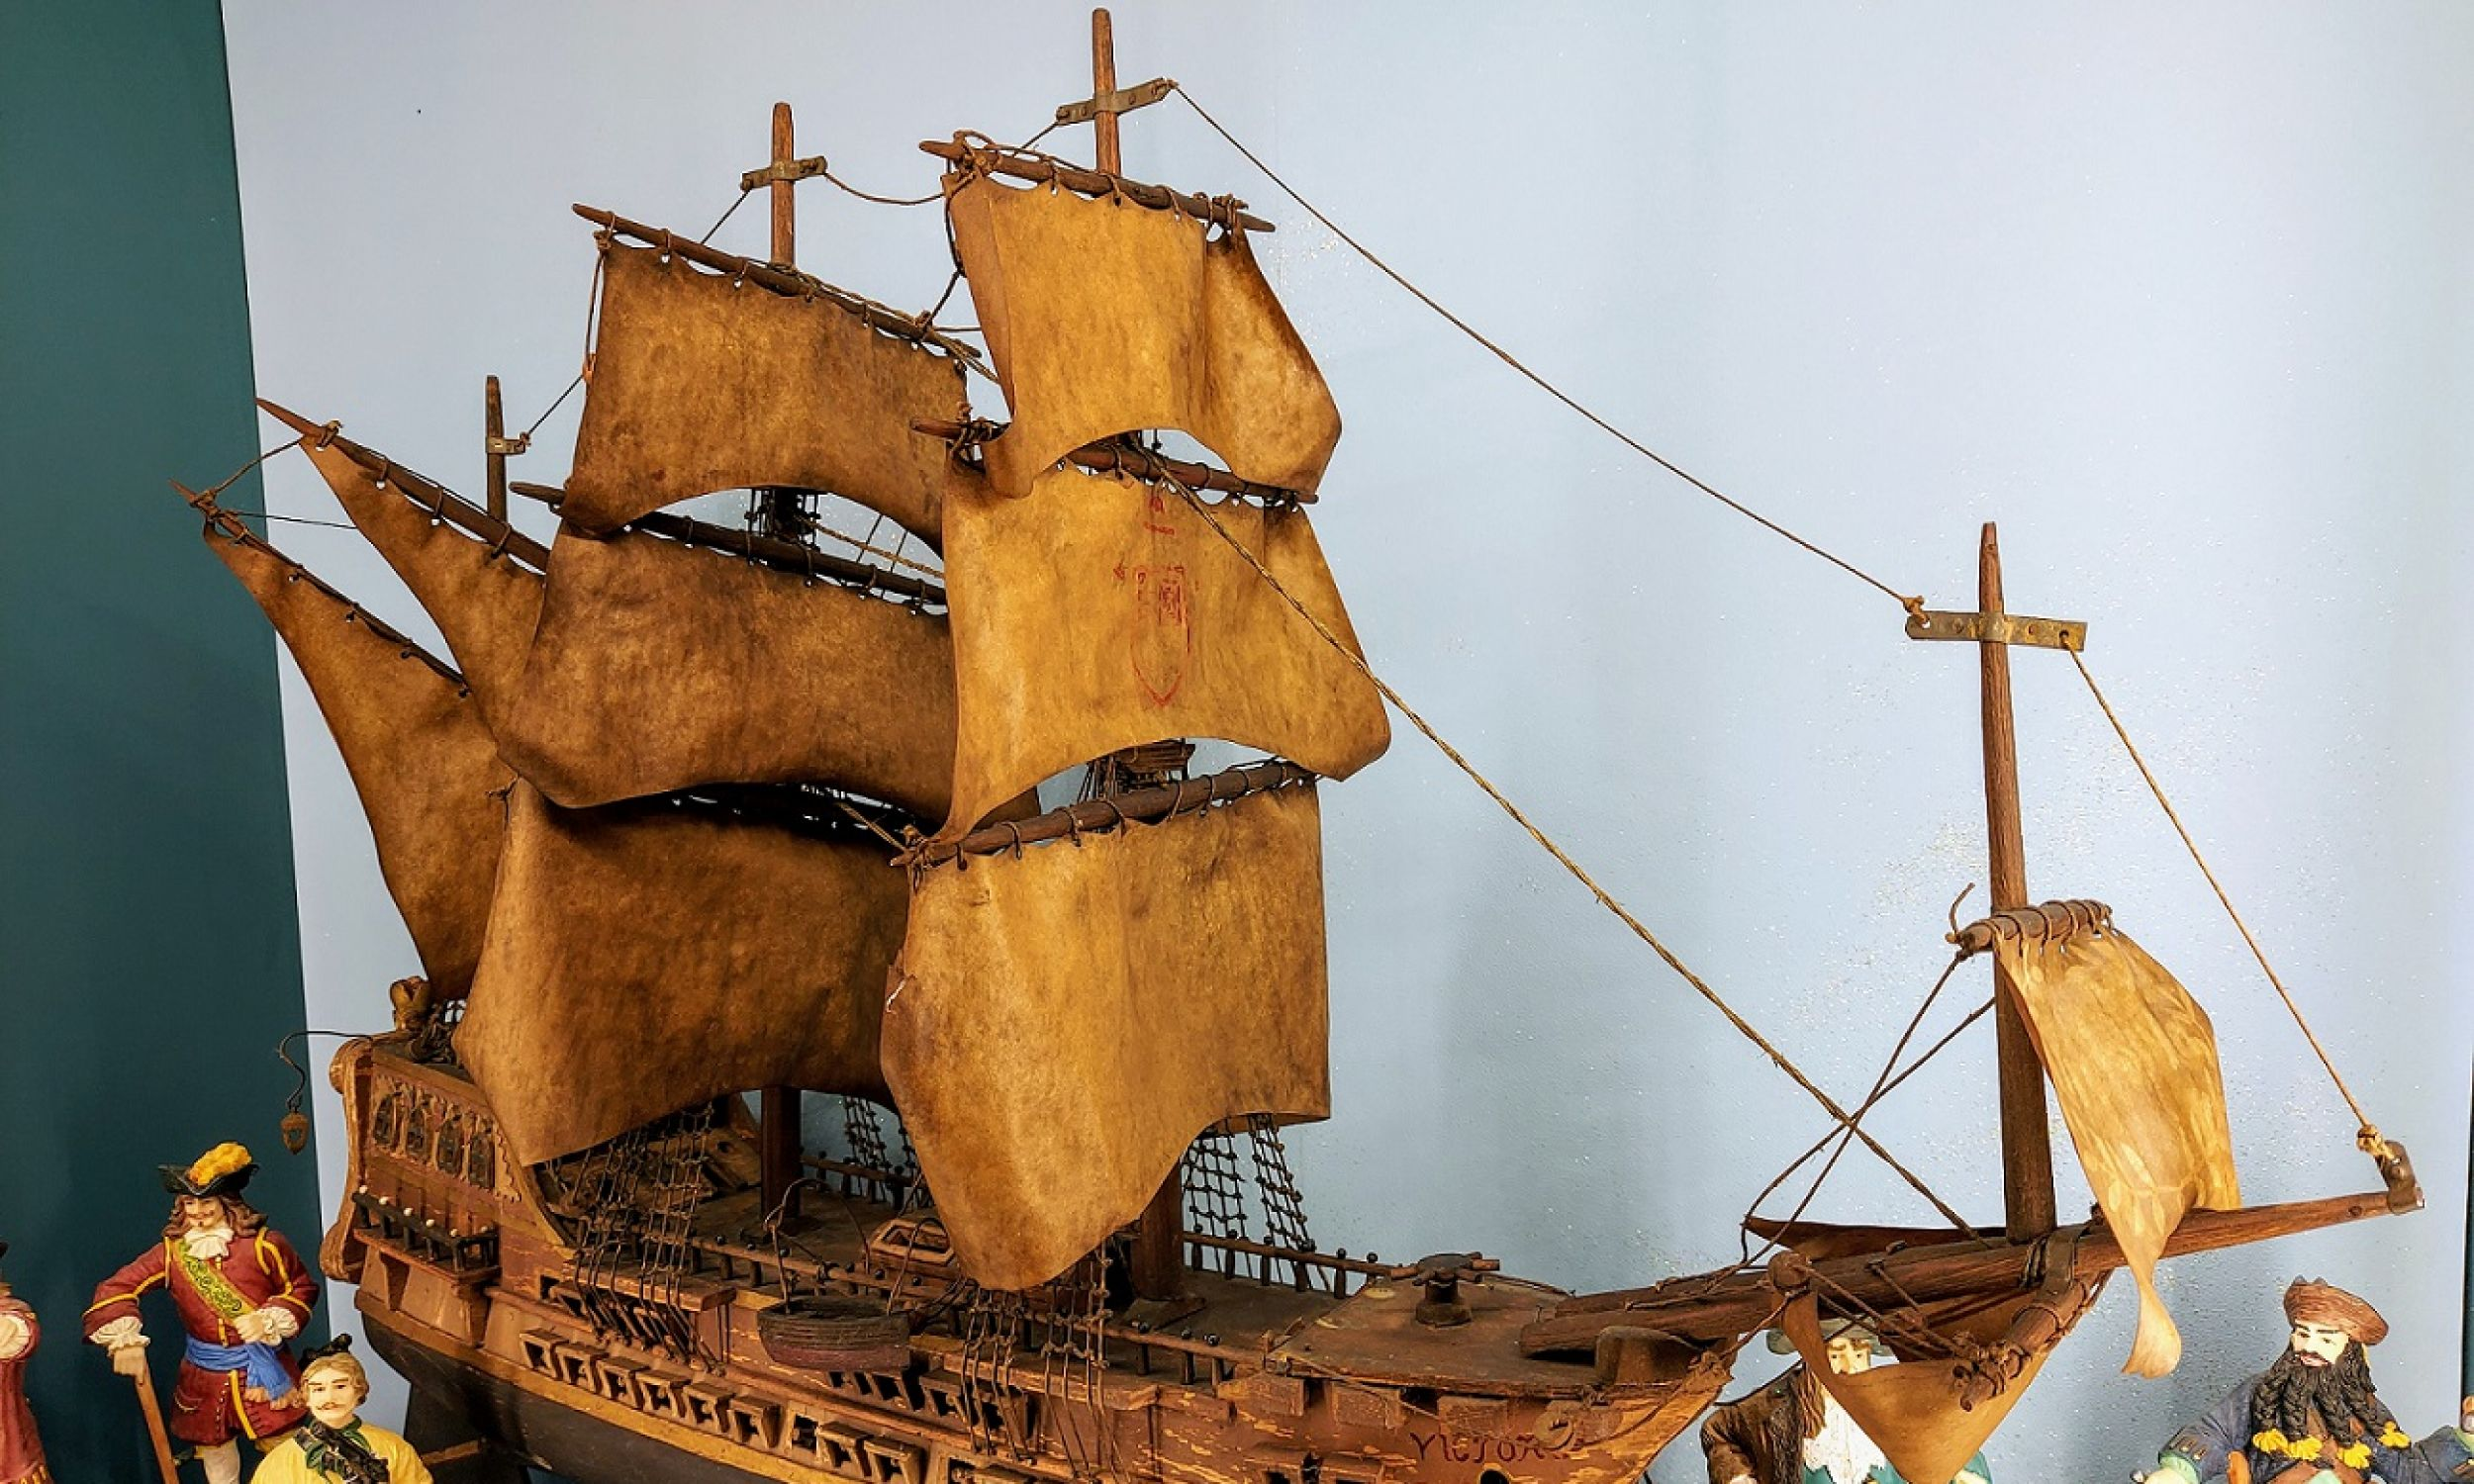 """Żaglowiec """"Victoria"""" z XIX wieku należał do pradziadka właścicielki Ignacego Leszczyńskiego. Nawiązywał do brytyjskiego, trójpokładowego okrętu liniowego, który brał udział w bitwie pod Trafalgarem w 1805 roku i na którym zginął admirał Horatio Nelson. Wedle legendy jego ciało na czas transportu do Anglii umieszczono w beczce z rumem, w celu jego konserwacji. Nieświadomi tego marynarze podpijali z beczki alkohol  i od tego czasu rum nazywany jest """"krwią Nelsona"""". Fot. Muzeum Zabawek w Kudowie Zdroju"""